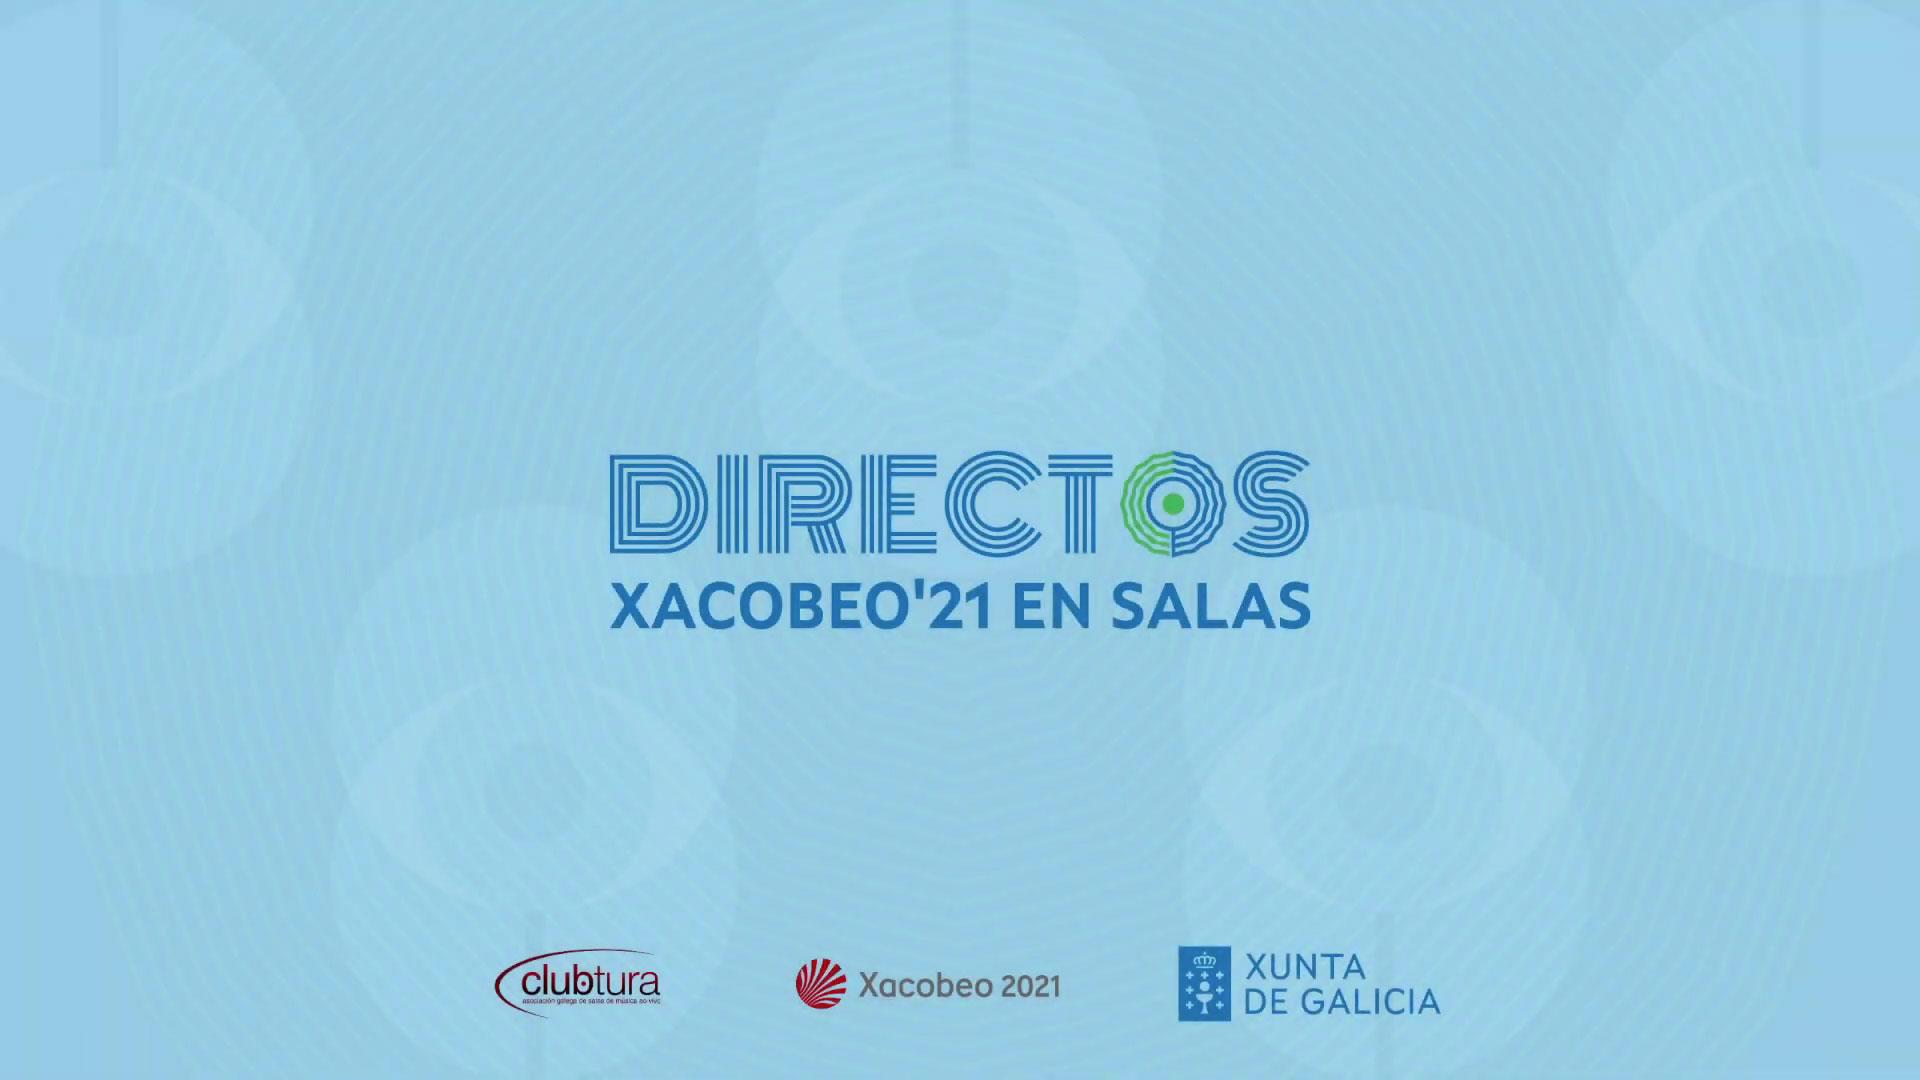 Directos Xacobeo'21 en Salas